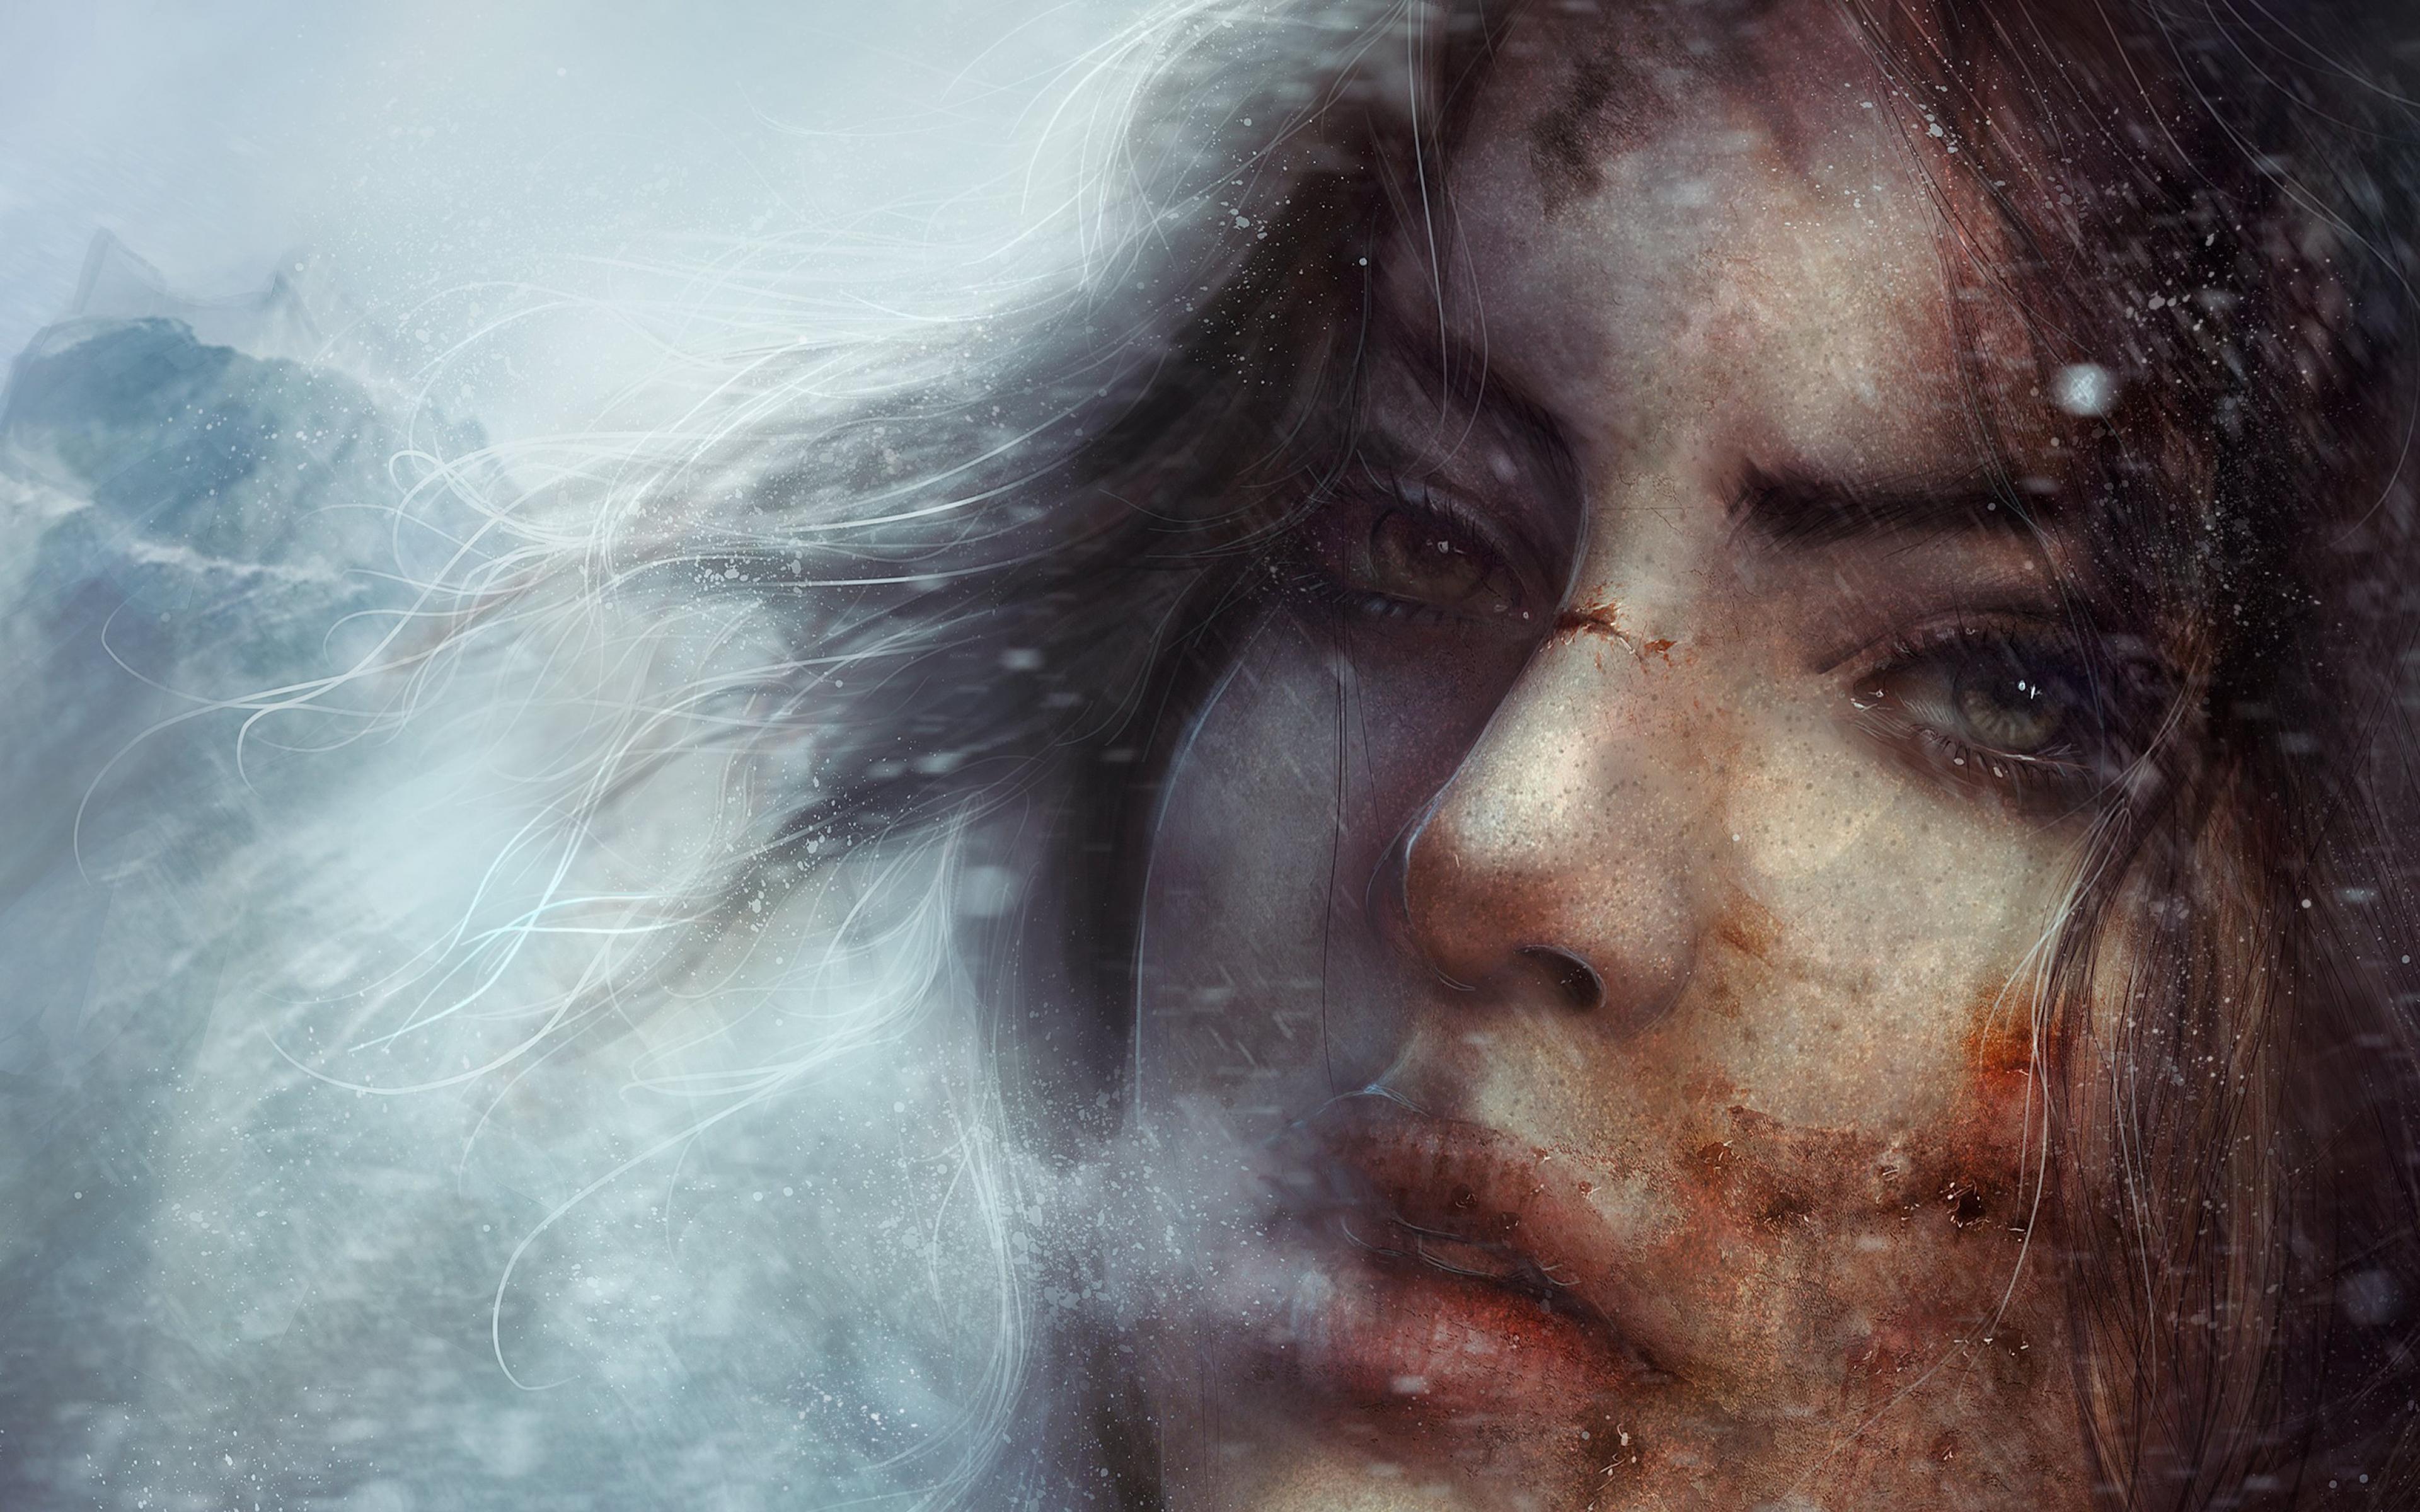 7680x4320 Lara Croft 8k Artwork 8k Hd 4k Wallpapers: Lara Croft Tomb Raider 2, HD Games, 4k Wallpapers, Images